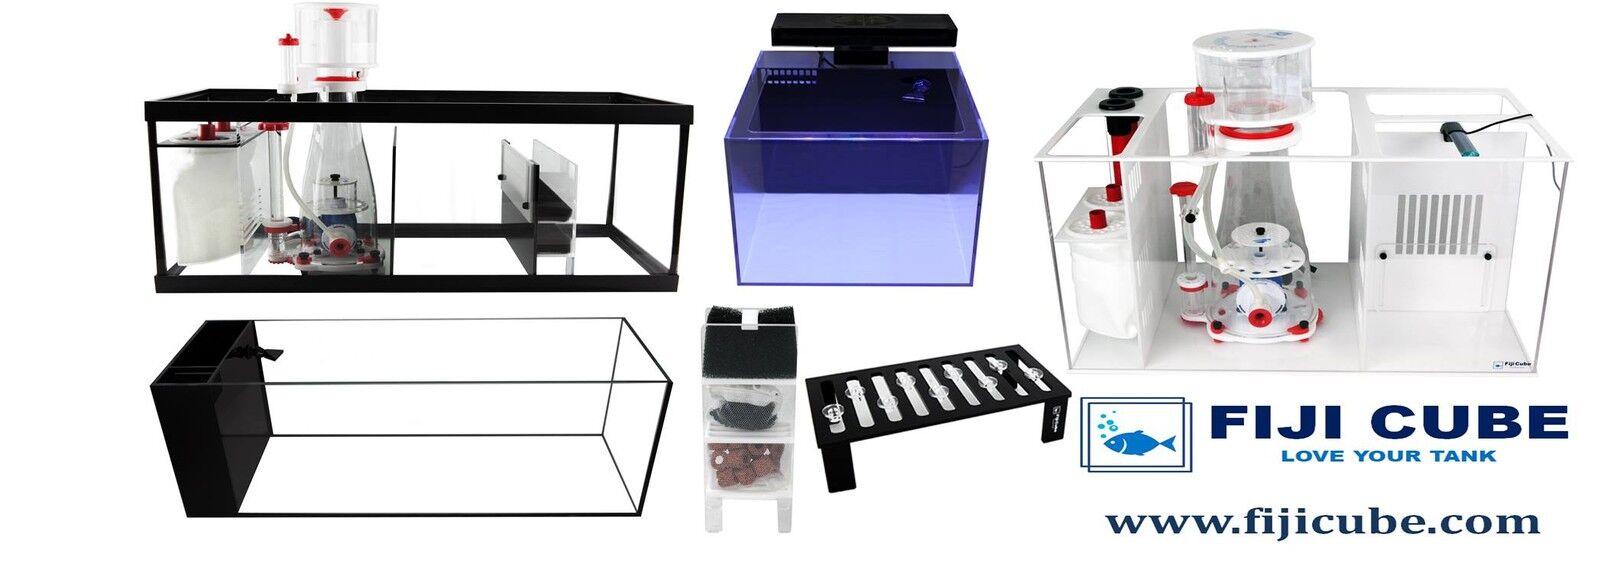 Fiji Cube Aquatic